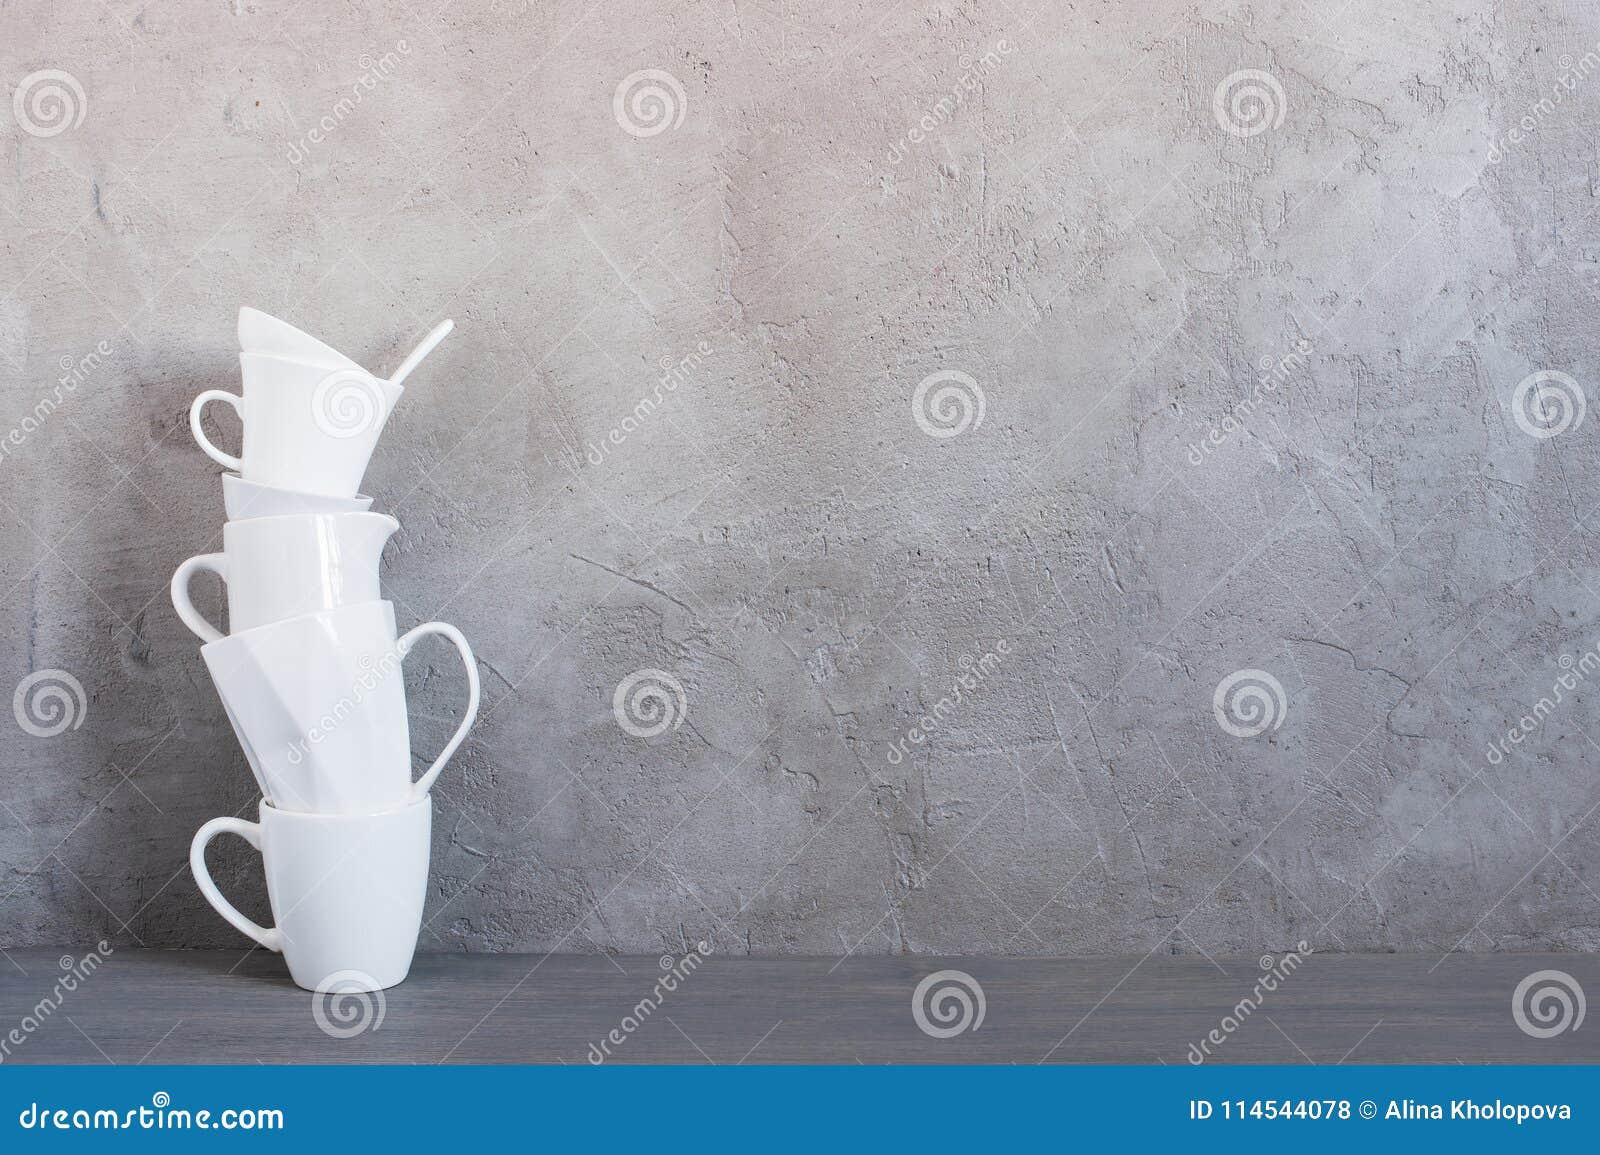 Loza blanca en la tabla contra la pared gris texturizada